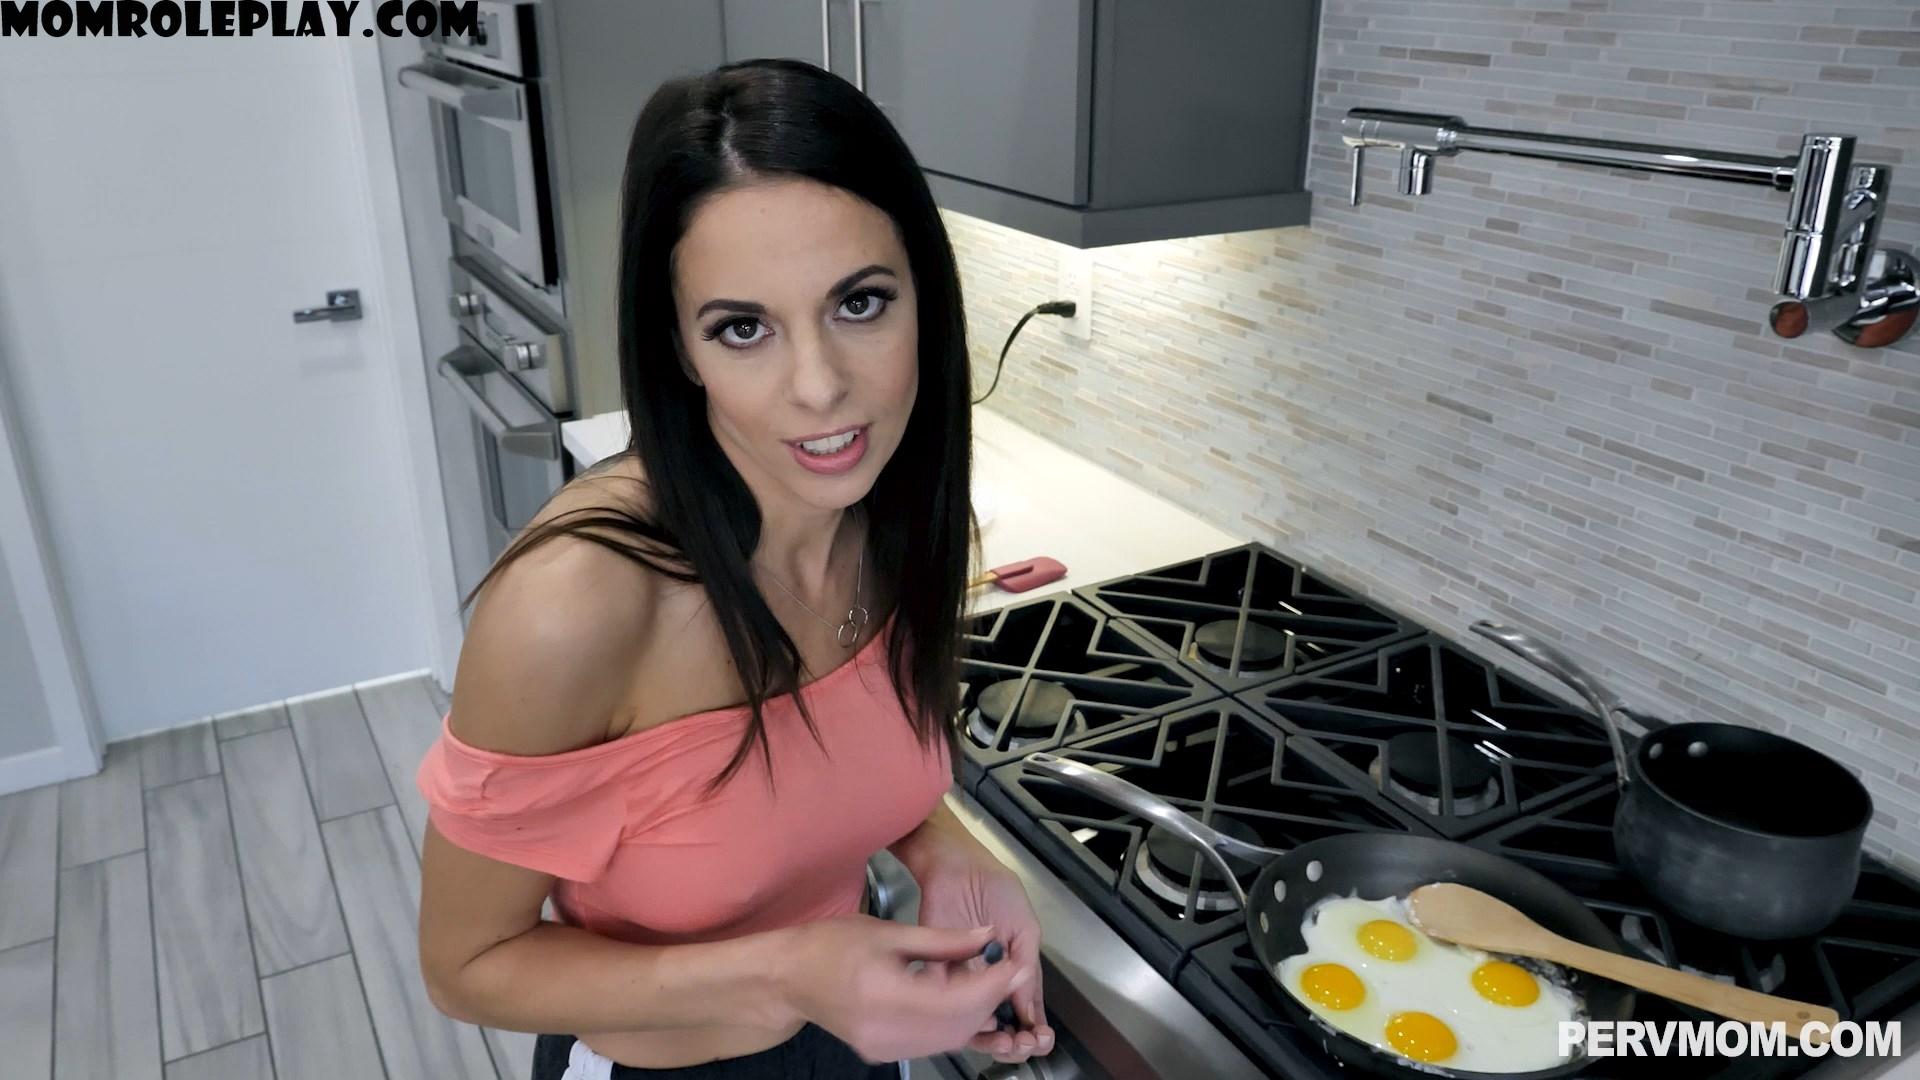 Perv Mom - Eva Long - Breakfast And Head 1080p